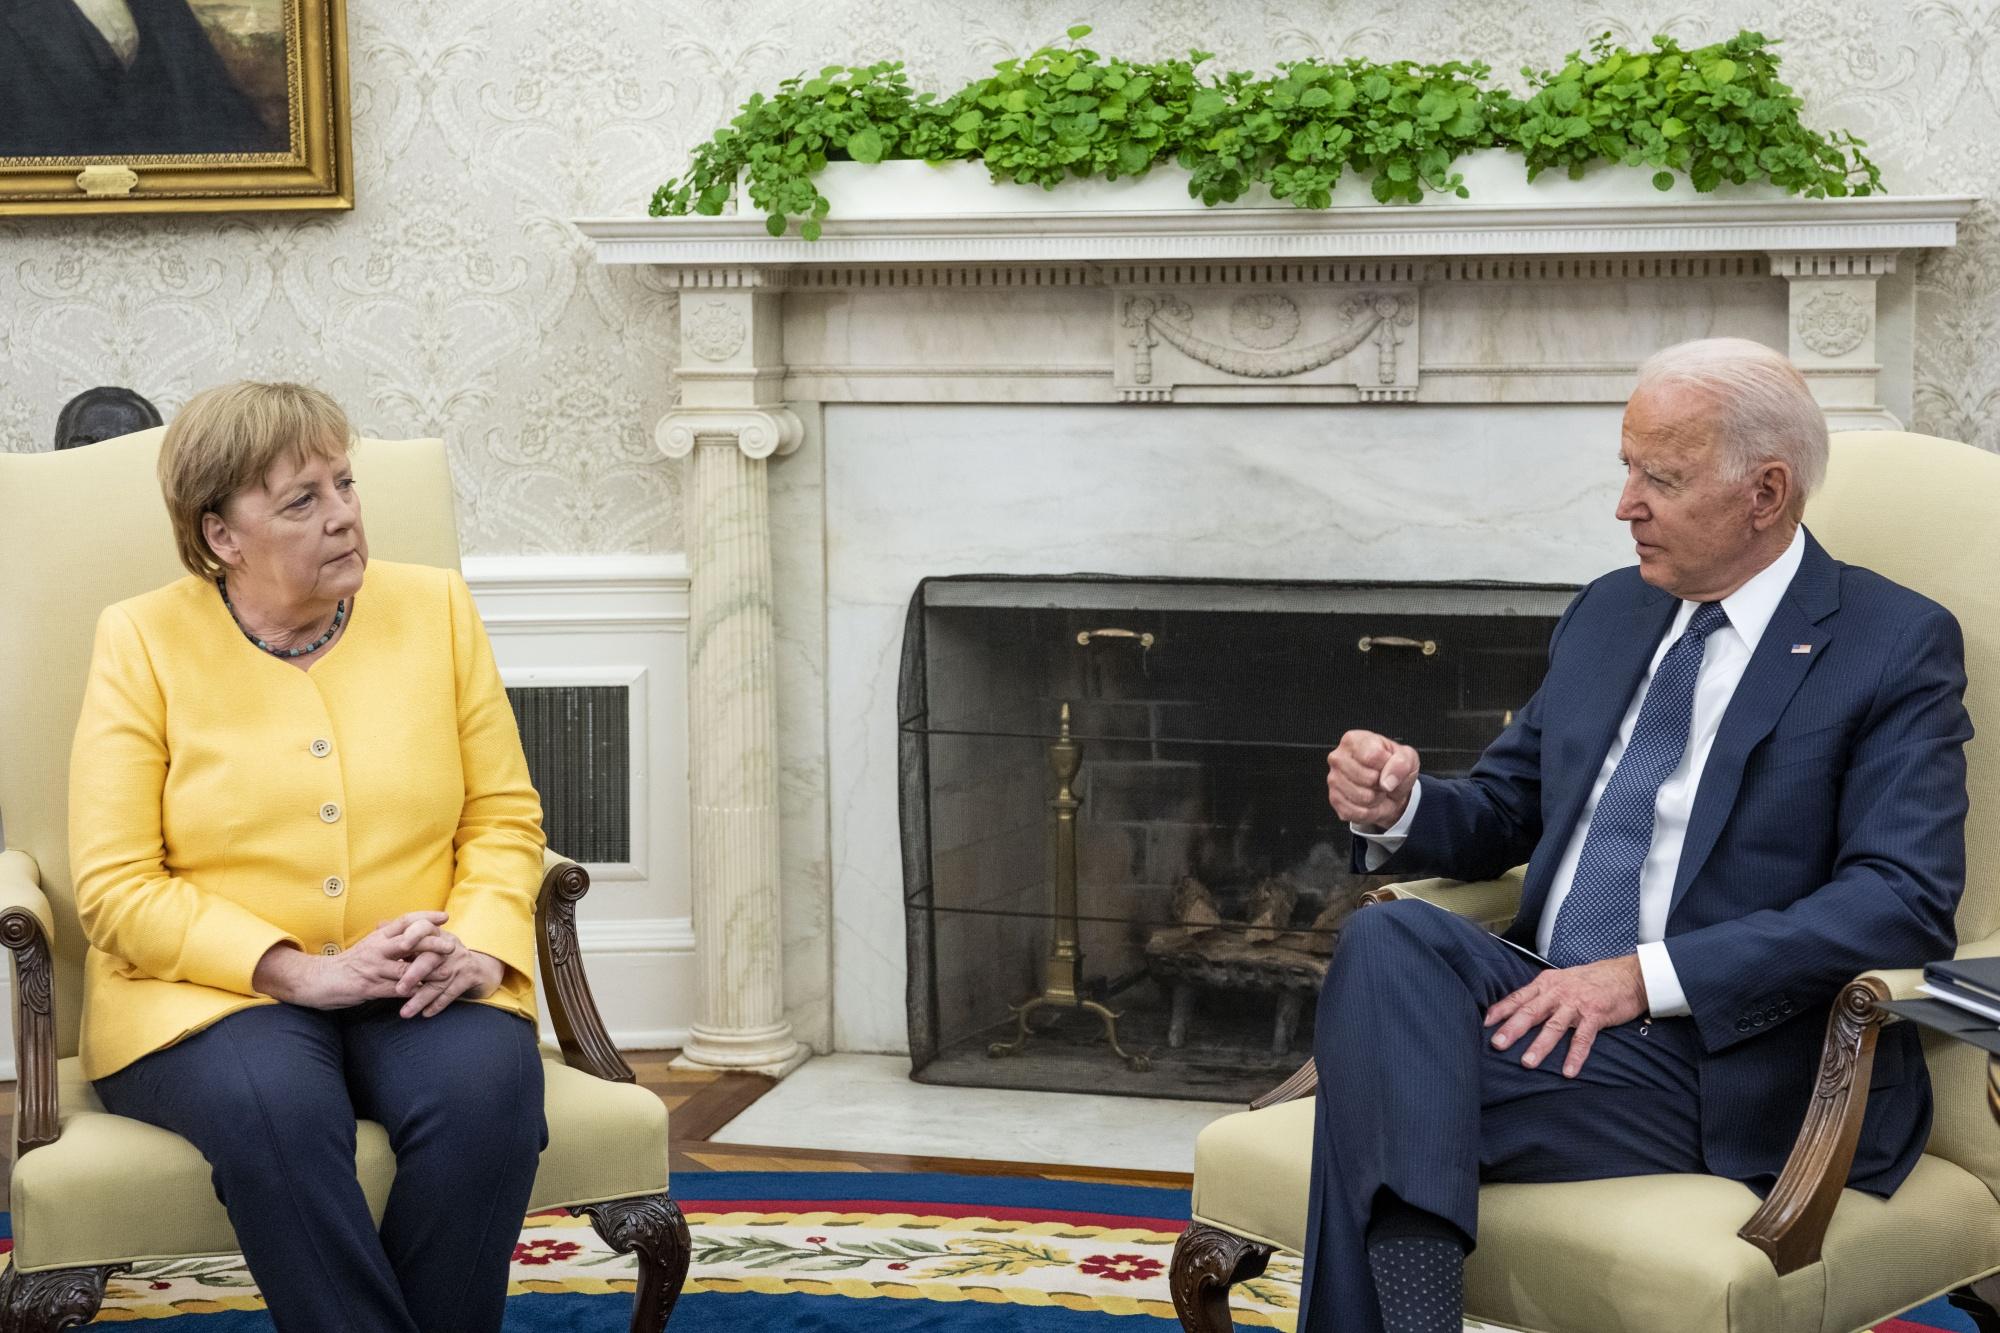 El presidente Biden recibe a la canciller alemana Merkel en la Casa Blanca